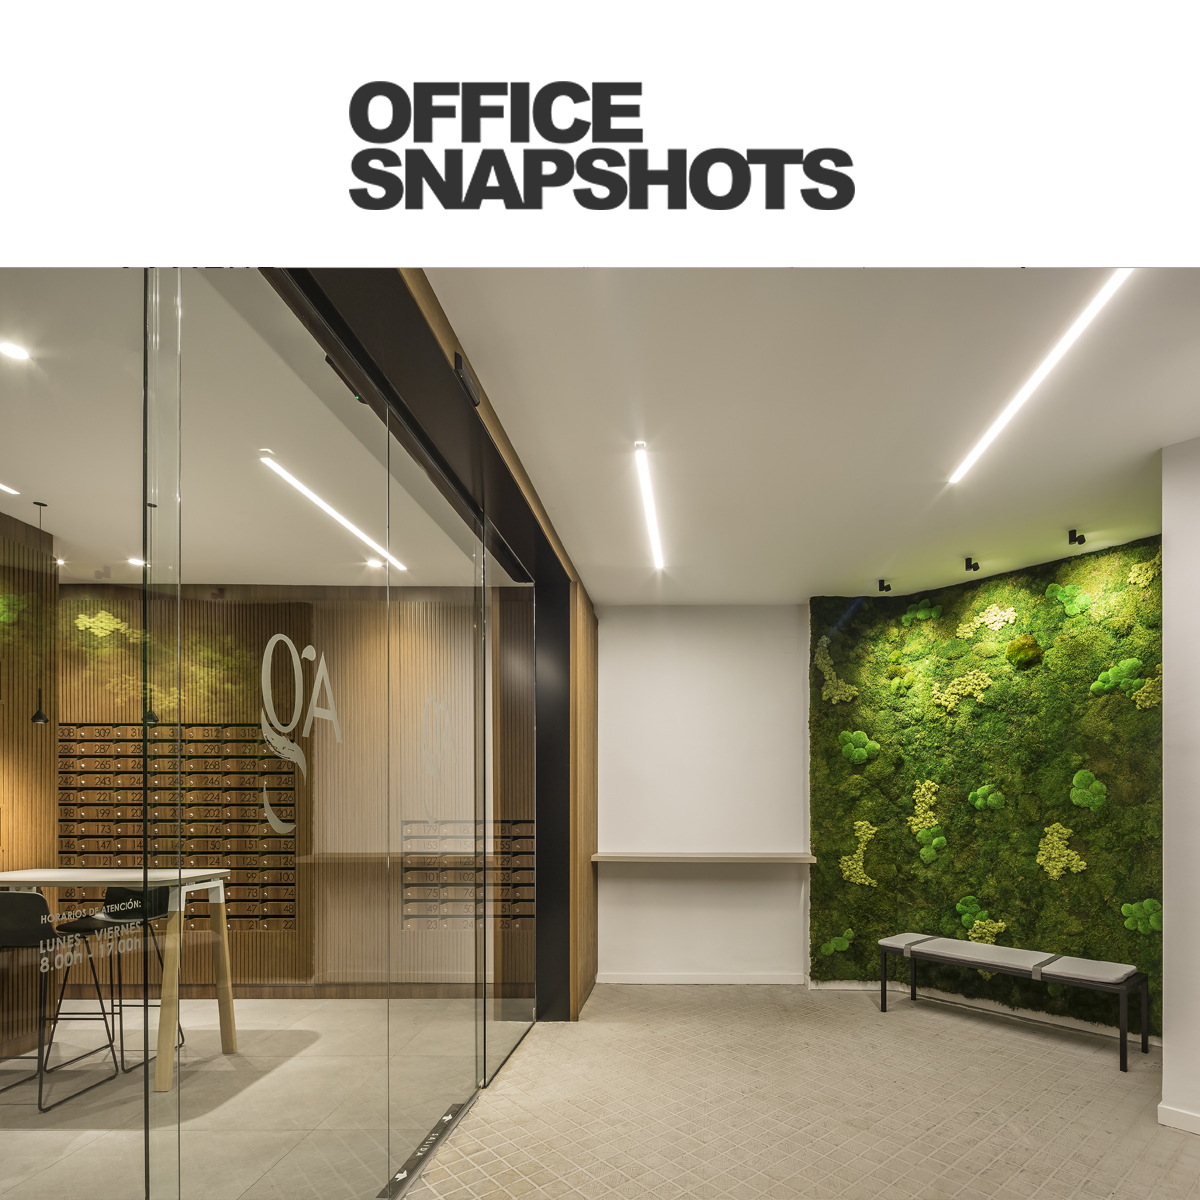 Office Snapshots